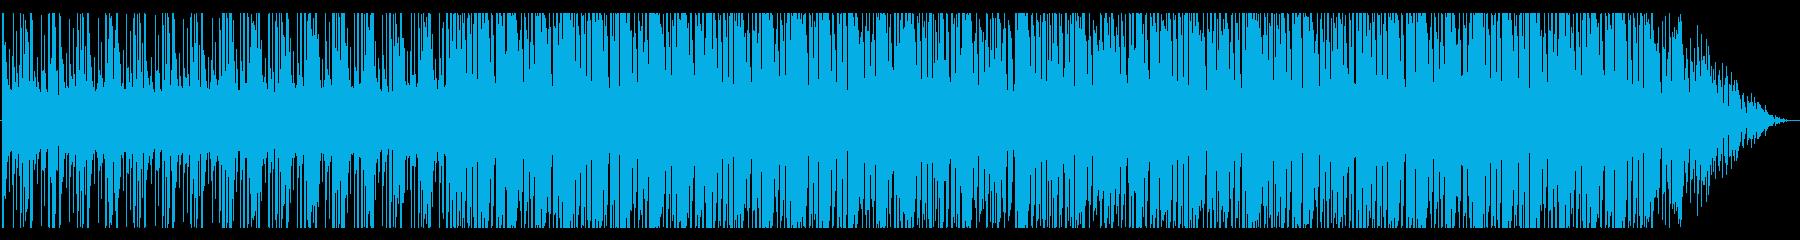 不気味/ダーク/テクノ_No436の再生済みの波形